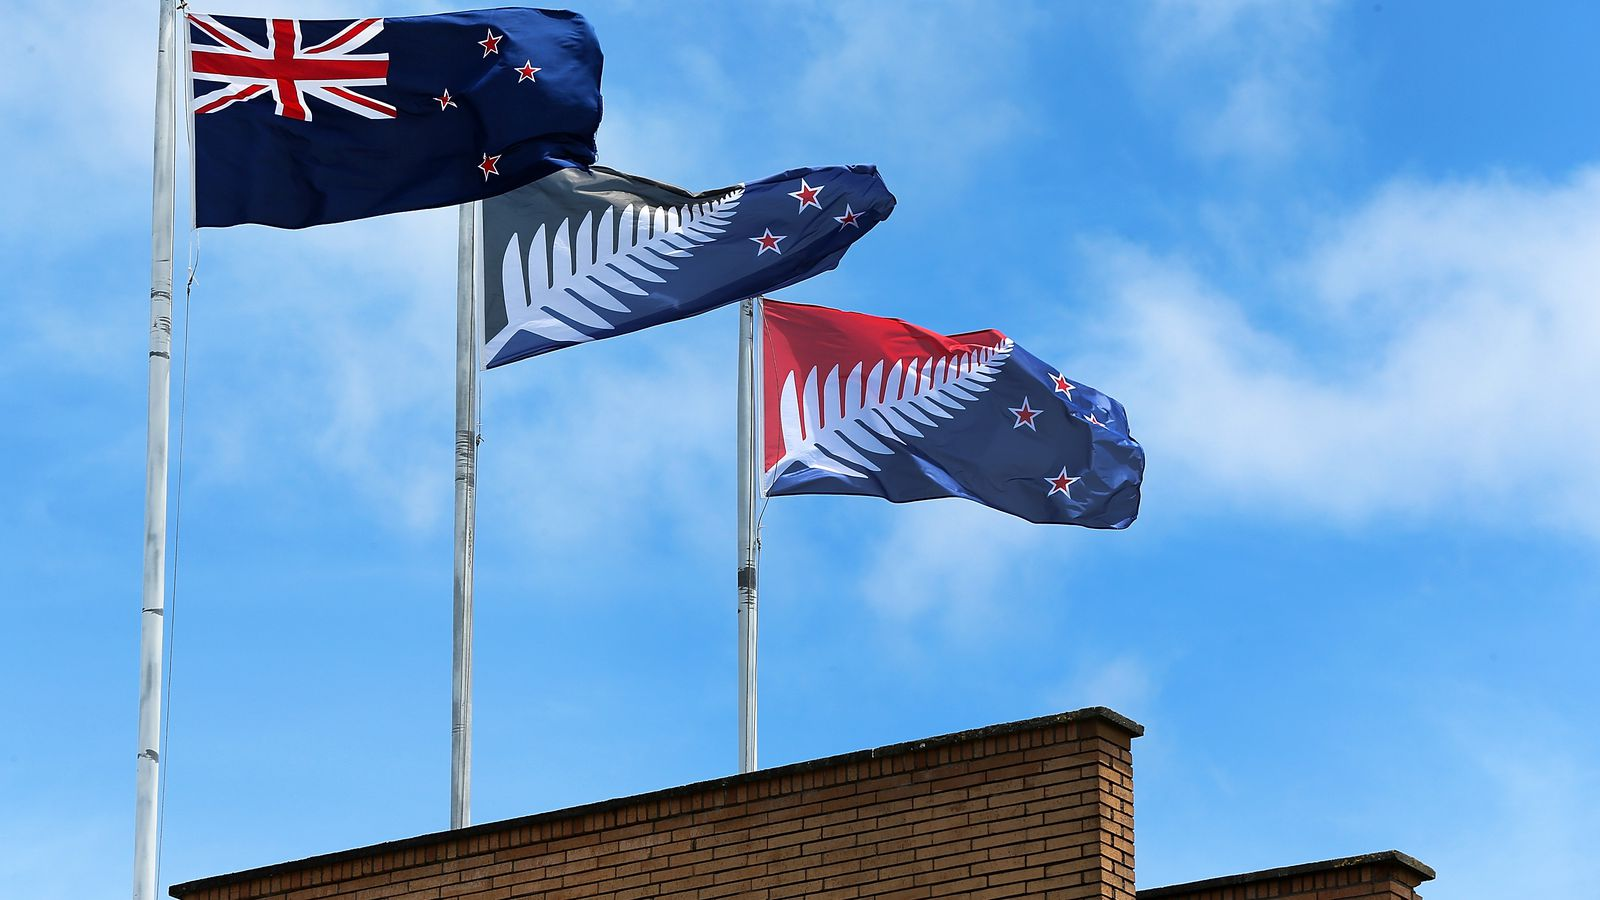 ней фото крутых флагов для воды можно